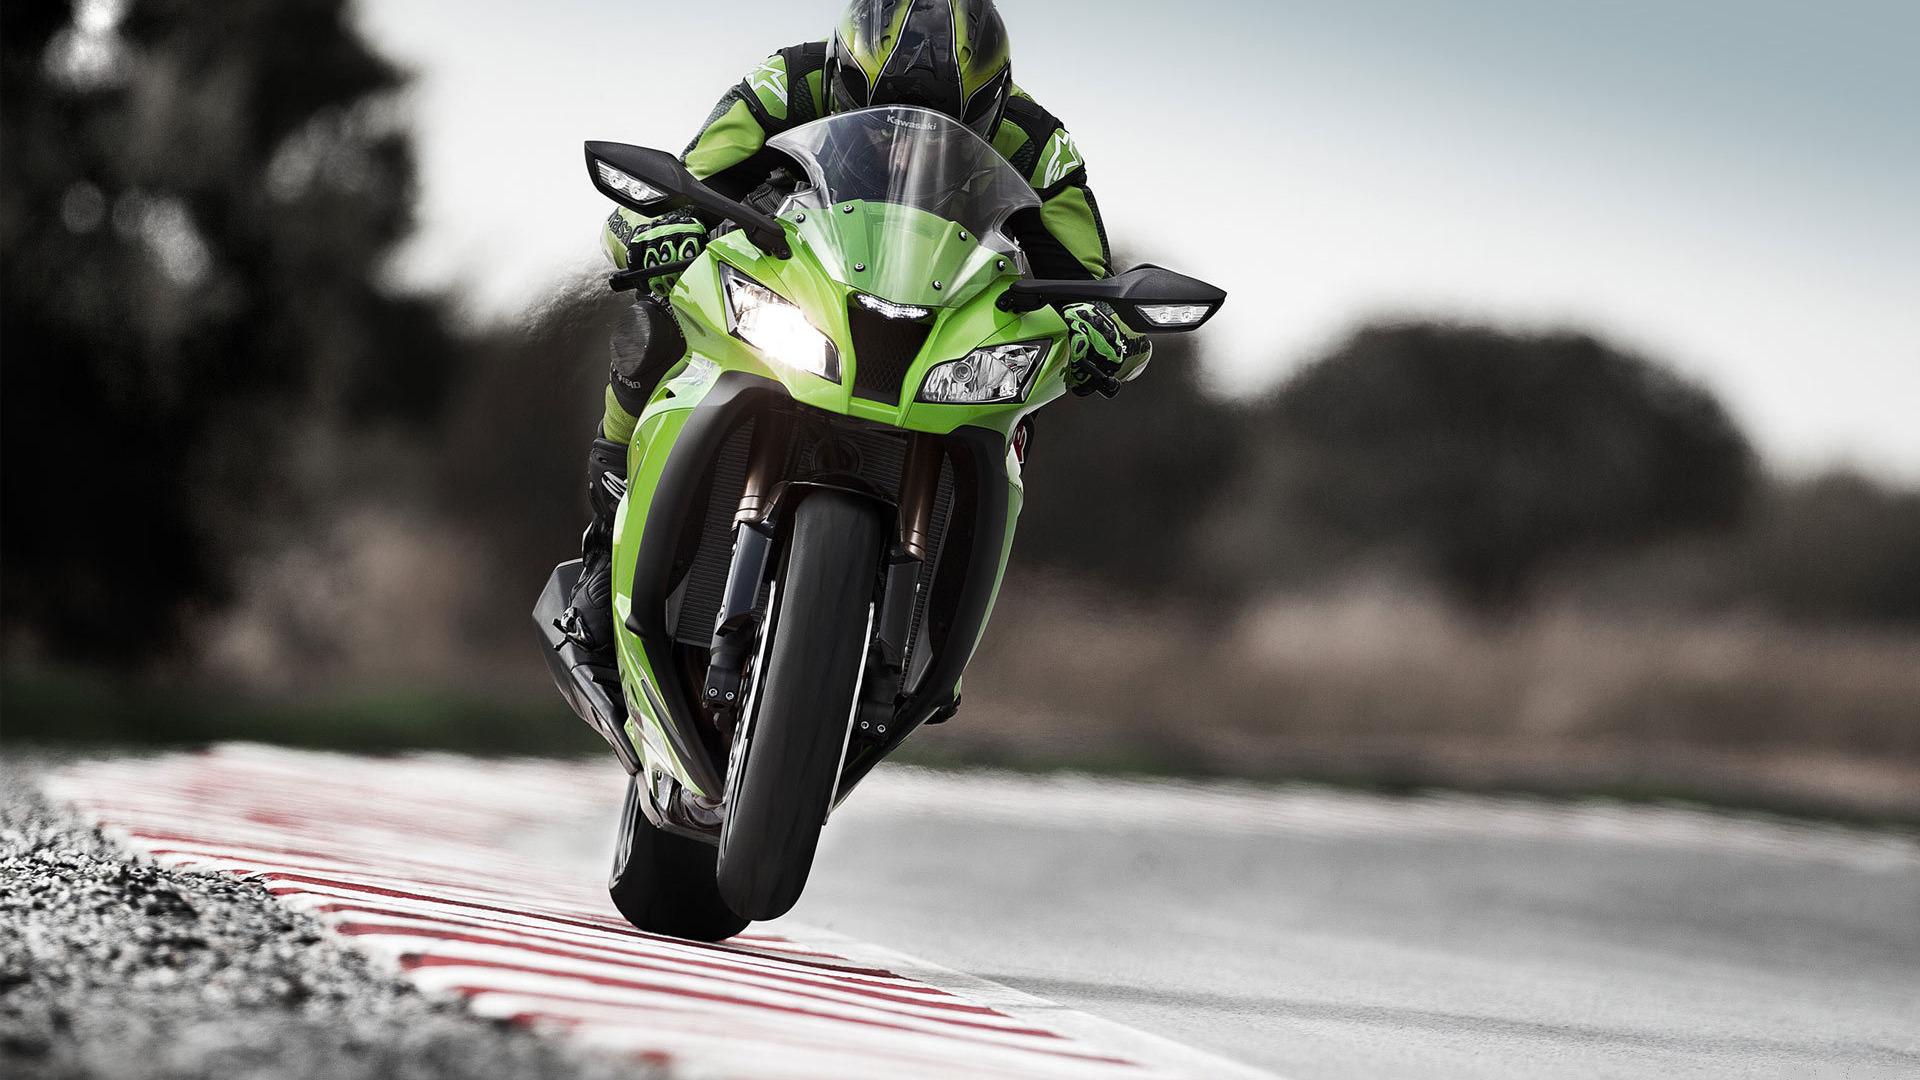 трасса, байк, зеленый мотоцикл, скорость